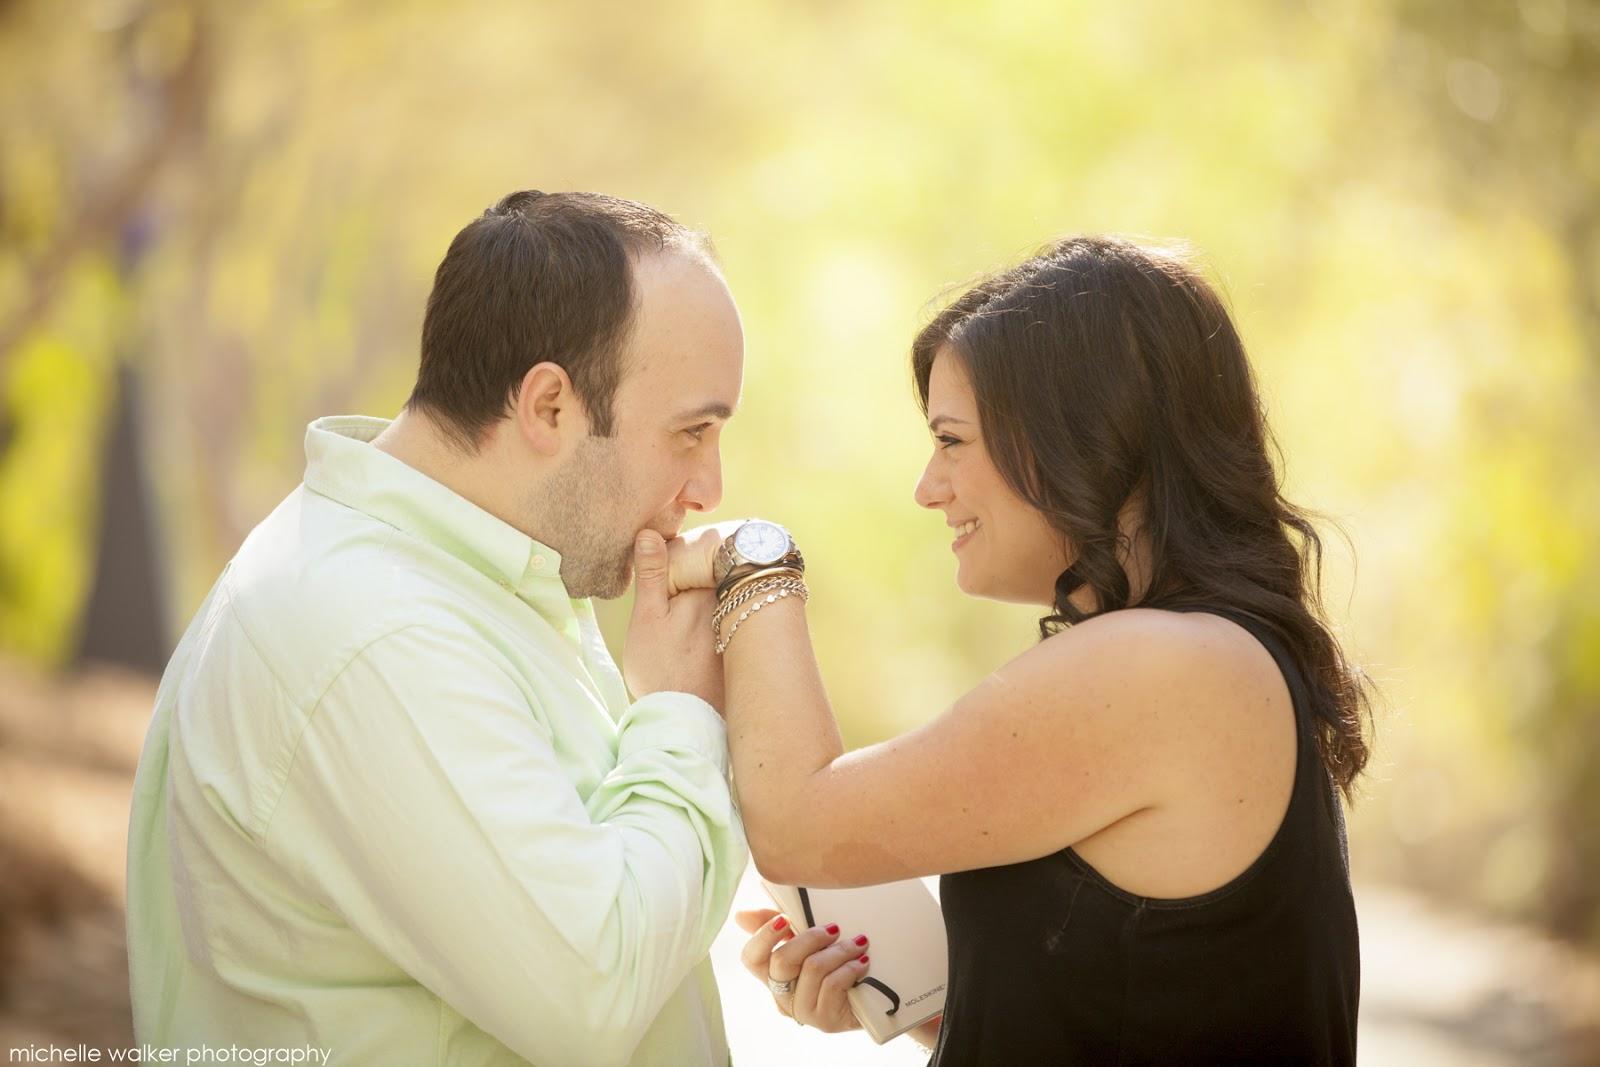 Michelle Walker Photography Auberge du Soleil Engagement